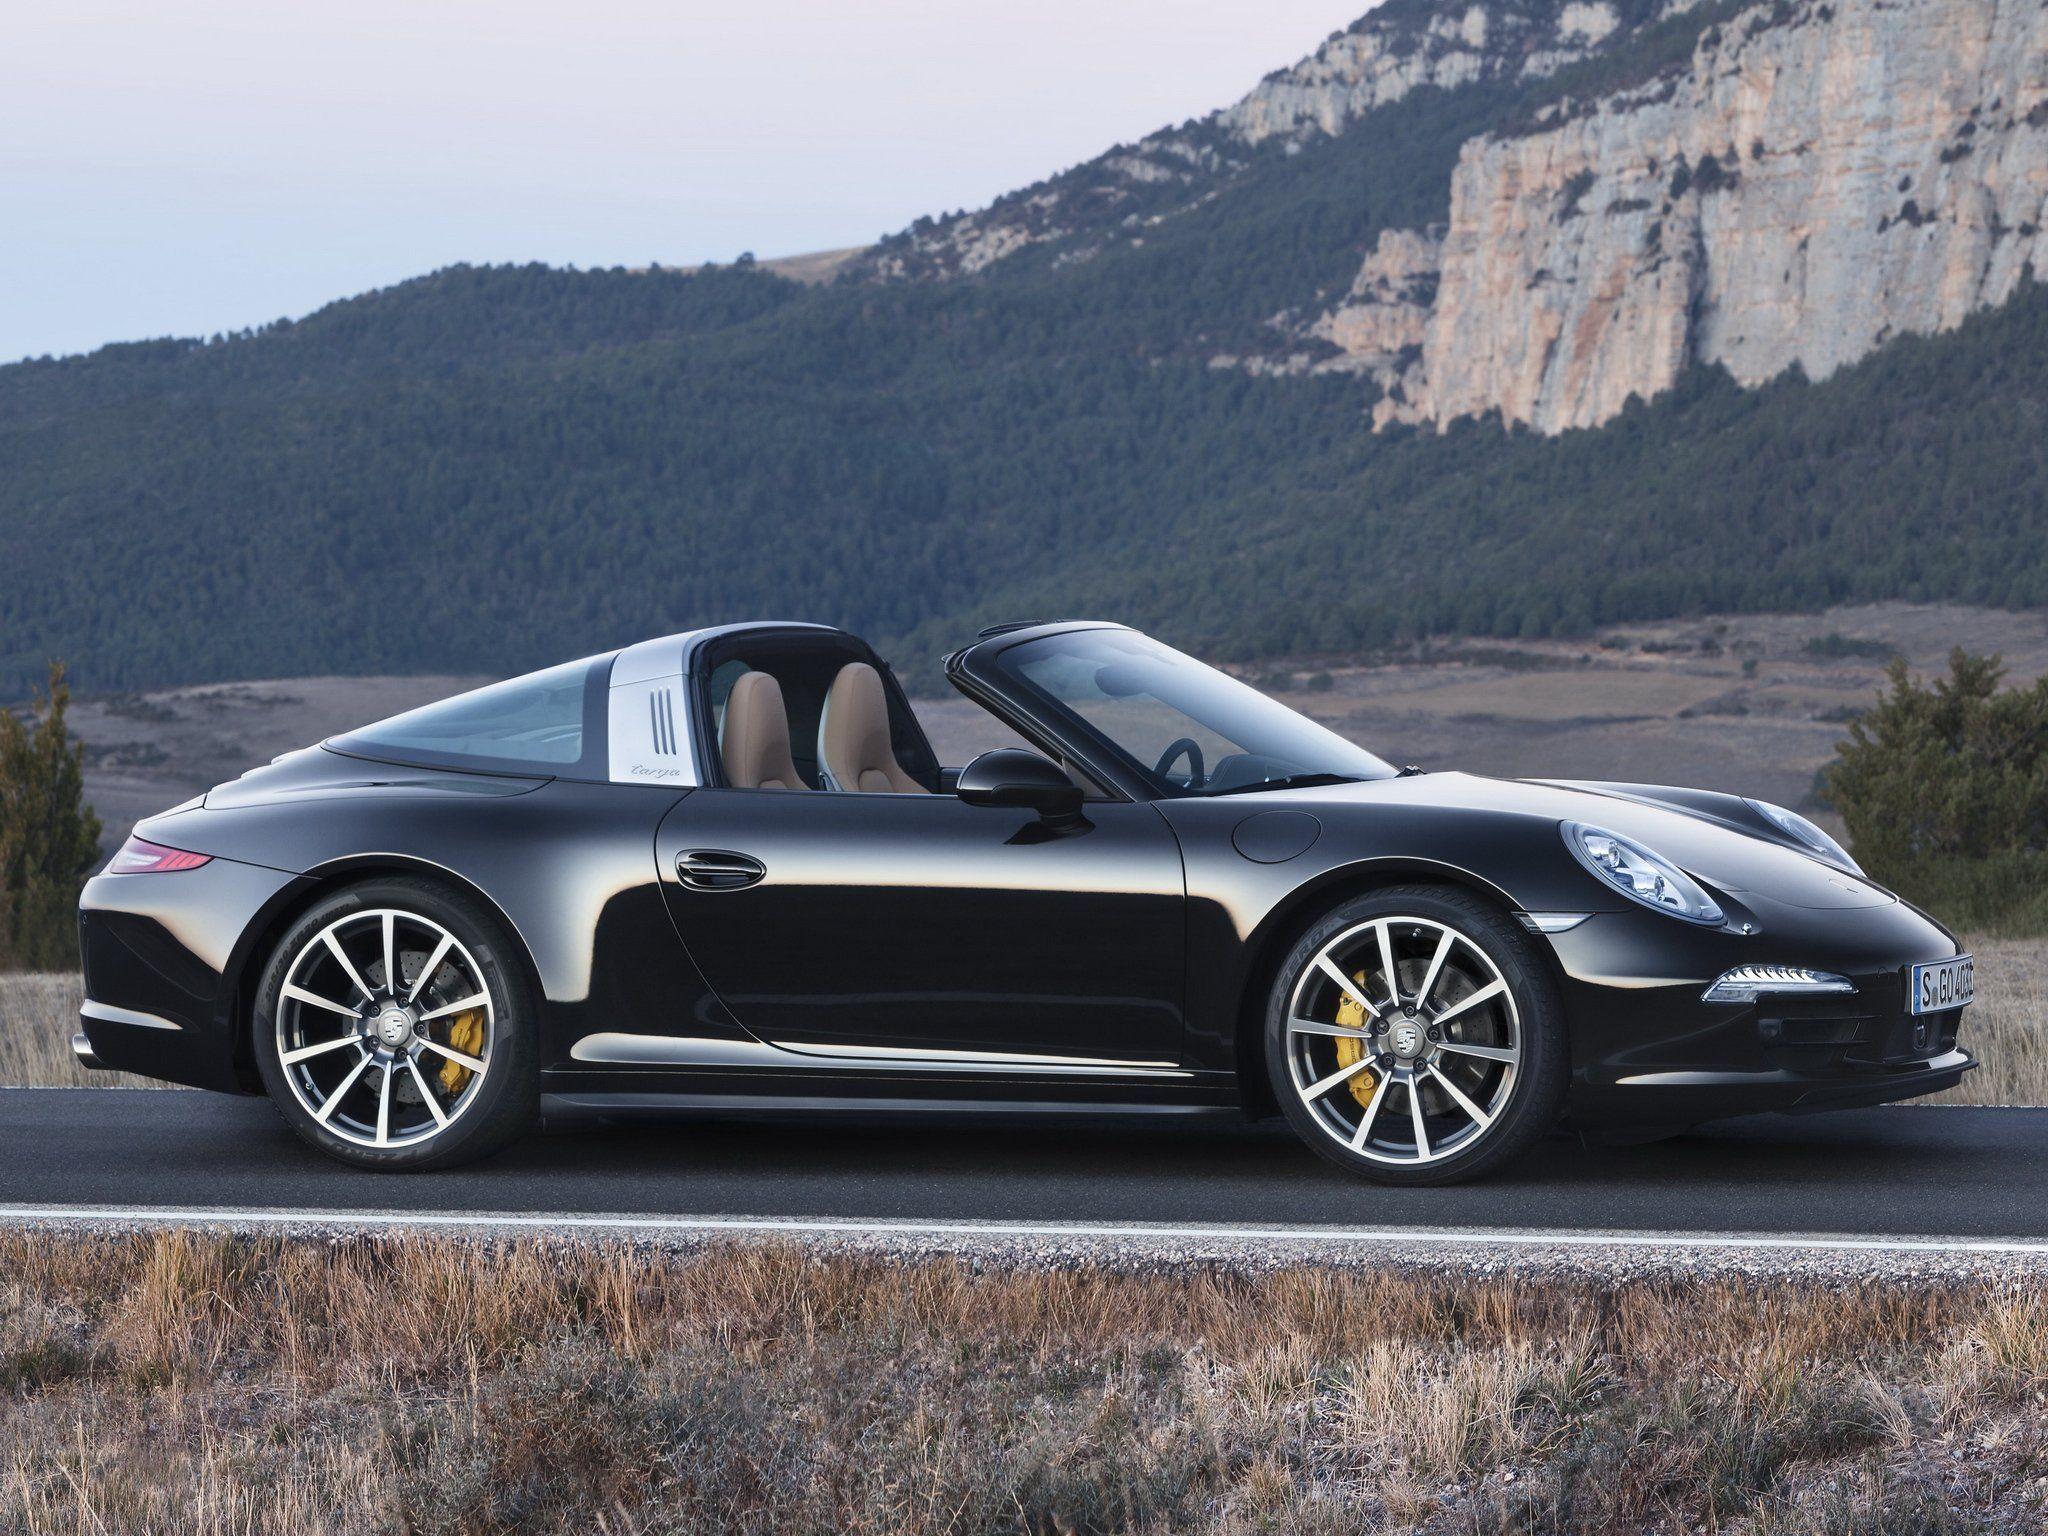 Porsche Targa 4s Daily Driver Porsche 911 Targa 4s Porsche 911 Targa Porsche Cars